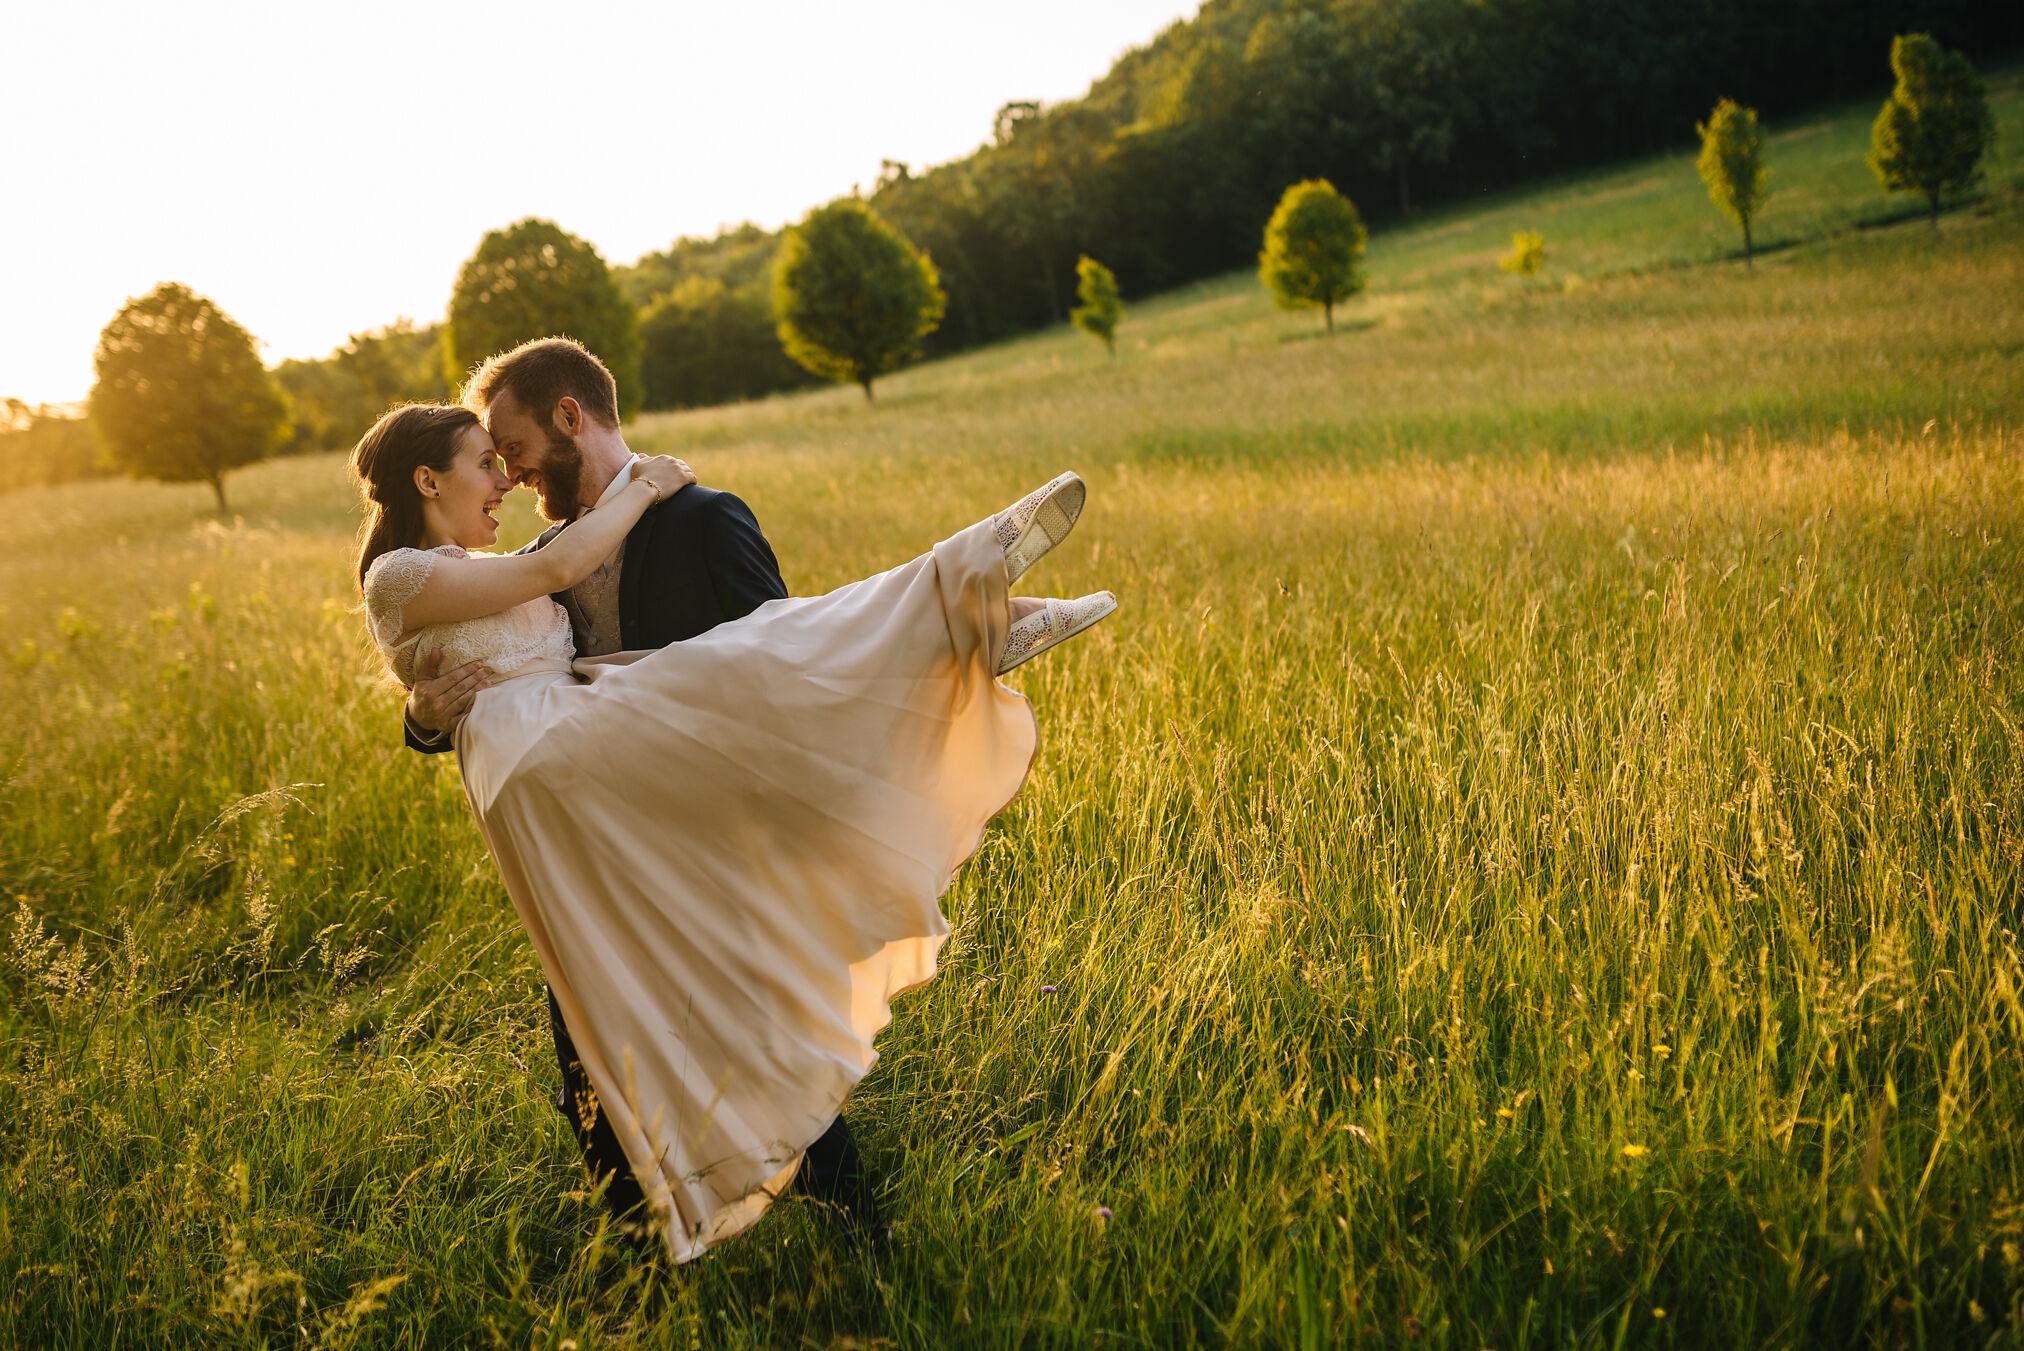 Hochzeit-Garten-Denoti-48.jpg